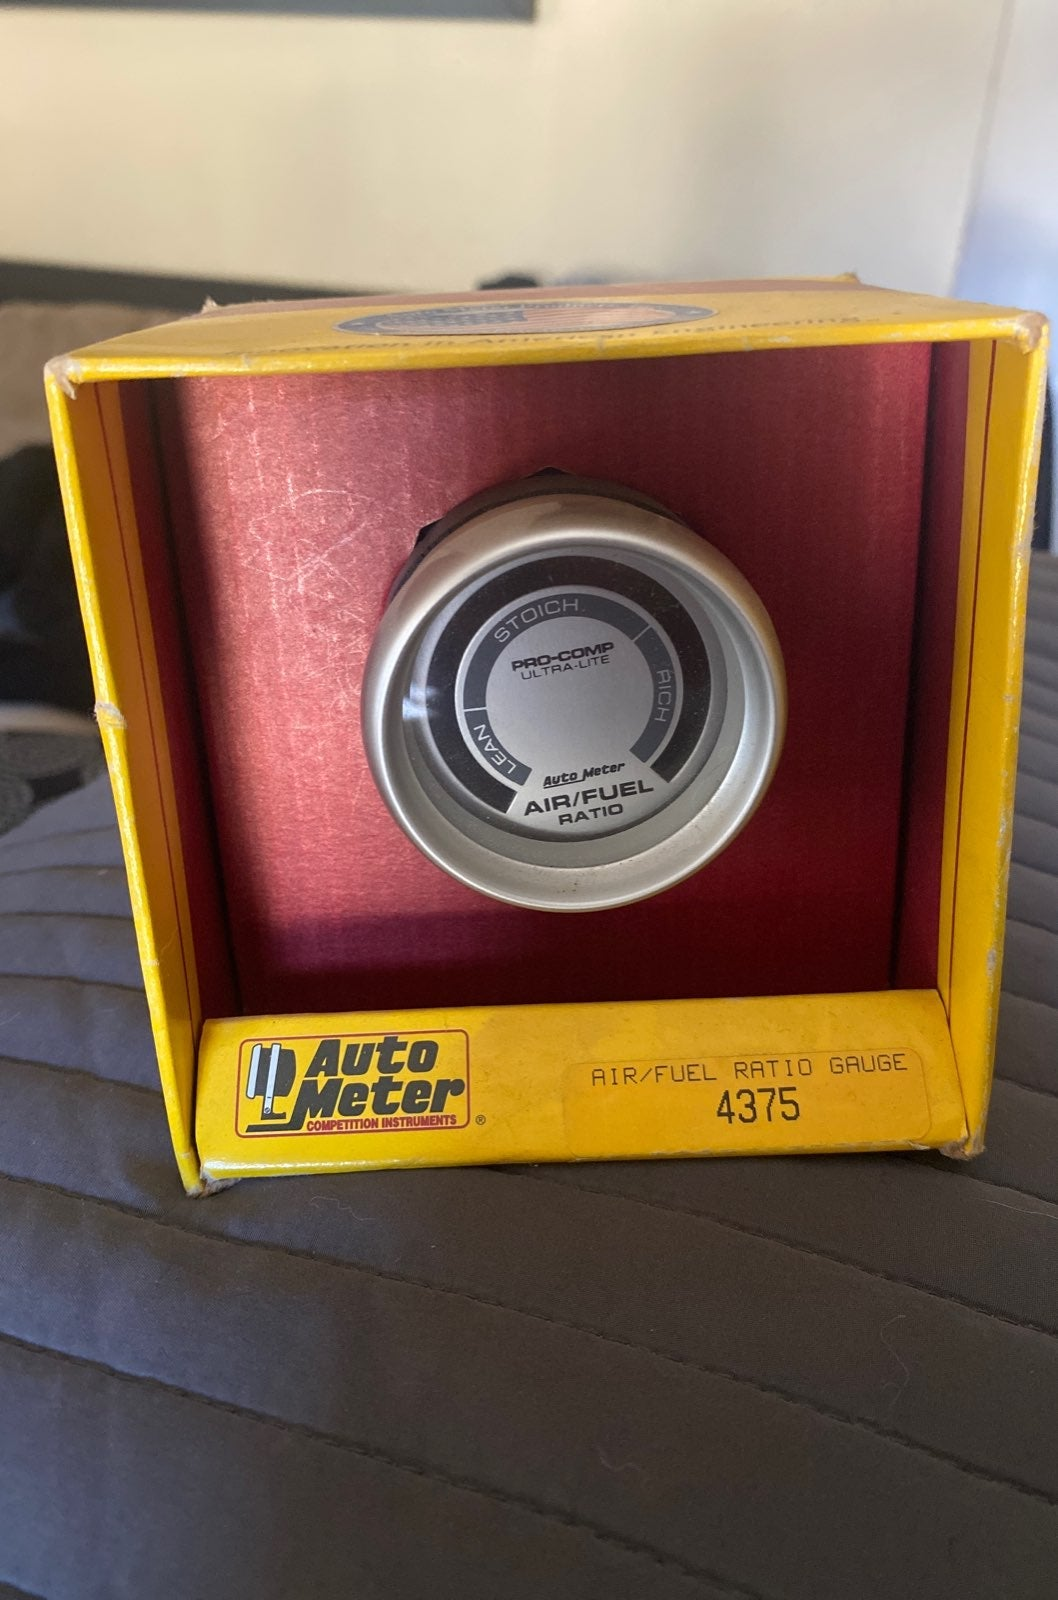 Auto meter air/fuel ratio gauge 4375